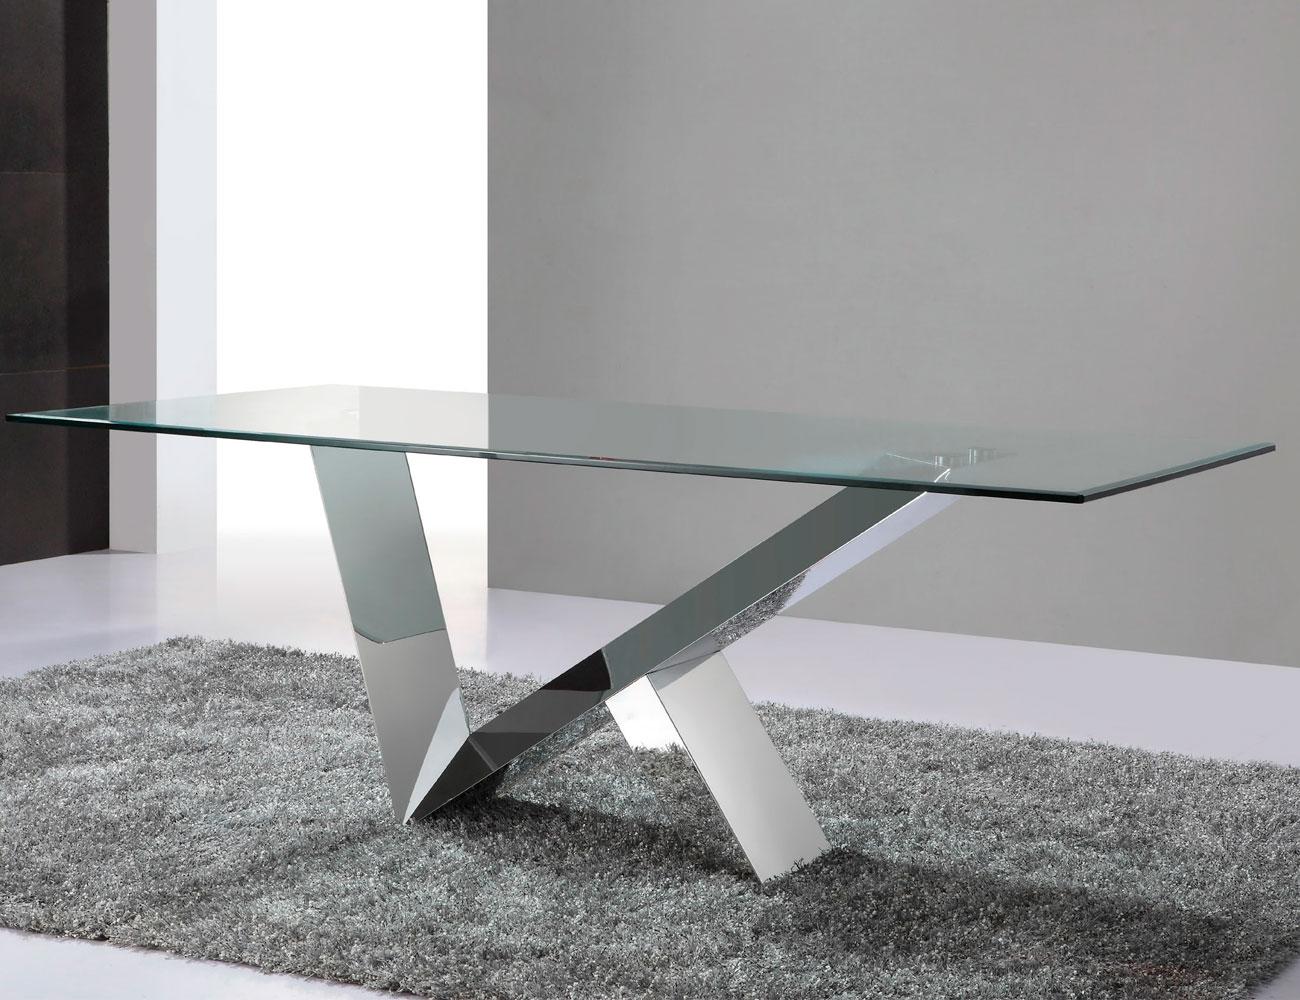 Bonito mesa comedor cristal y acero galer a de im genes - Mesa comedor cristal y acero ...